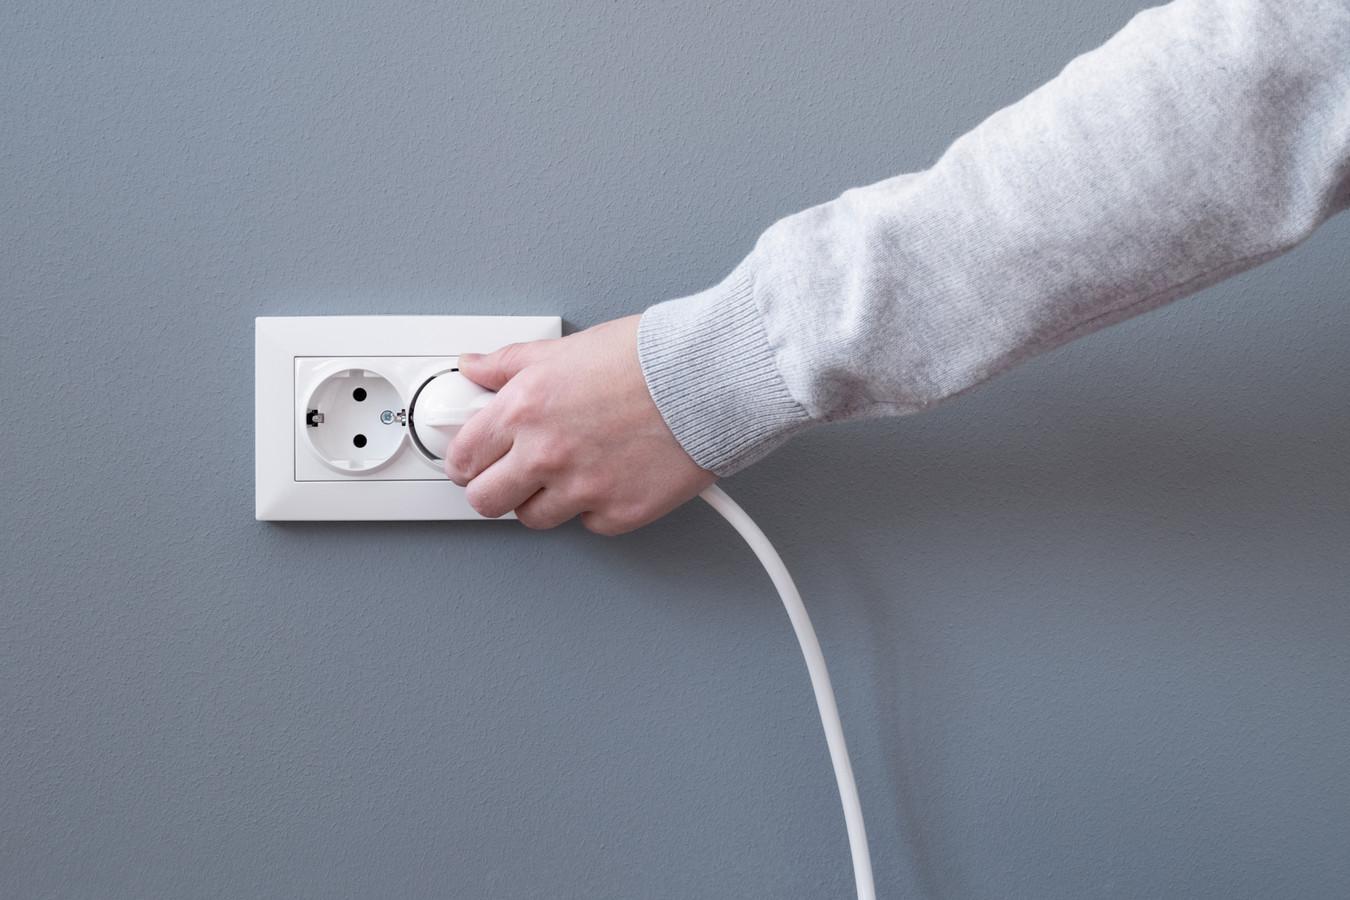 De energietarieven liggen momenteel erg laag, omdat met name fossiele energie uitzonderlijk goedkoop is voor de maatschappijen die gas en stroom leveren.